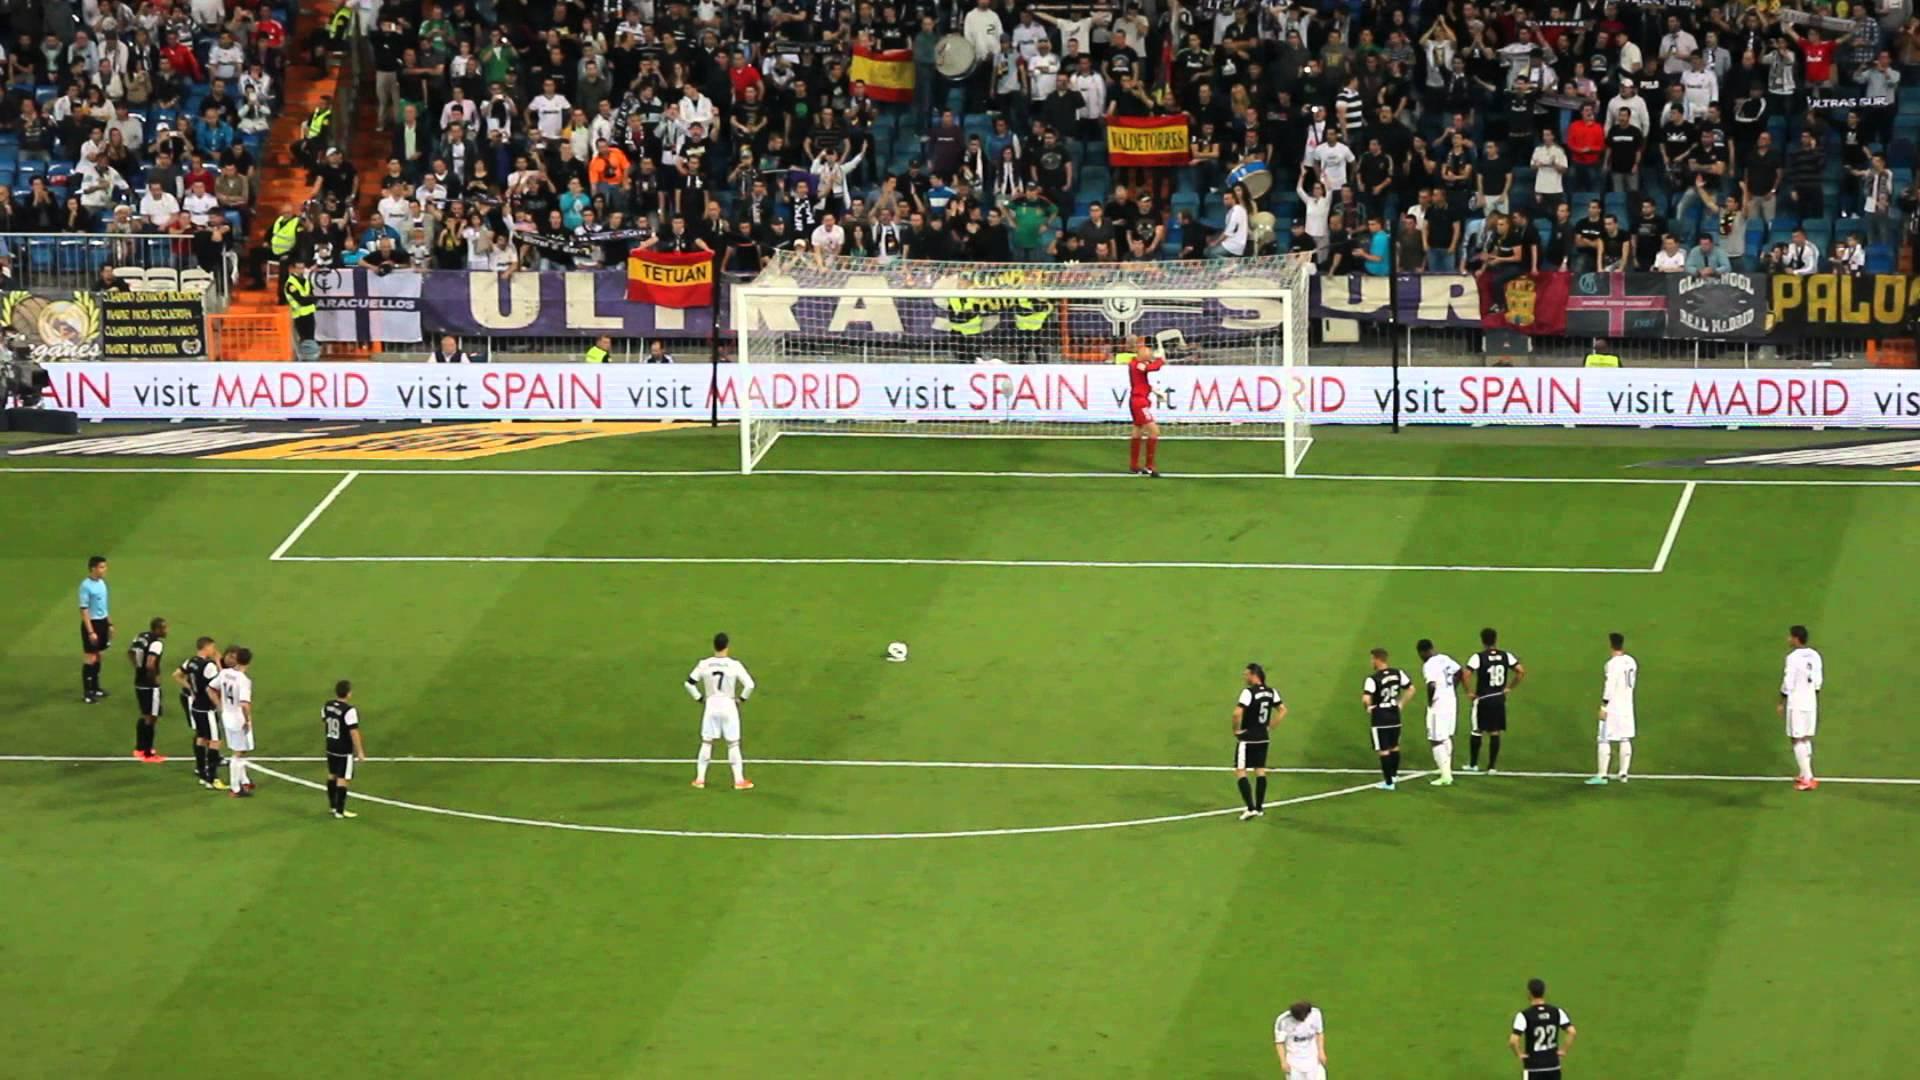 Los 7 máximos goleadores de penalti de la historia de la Liga BBVA